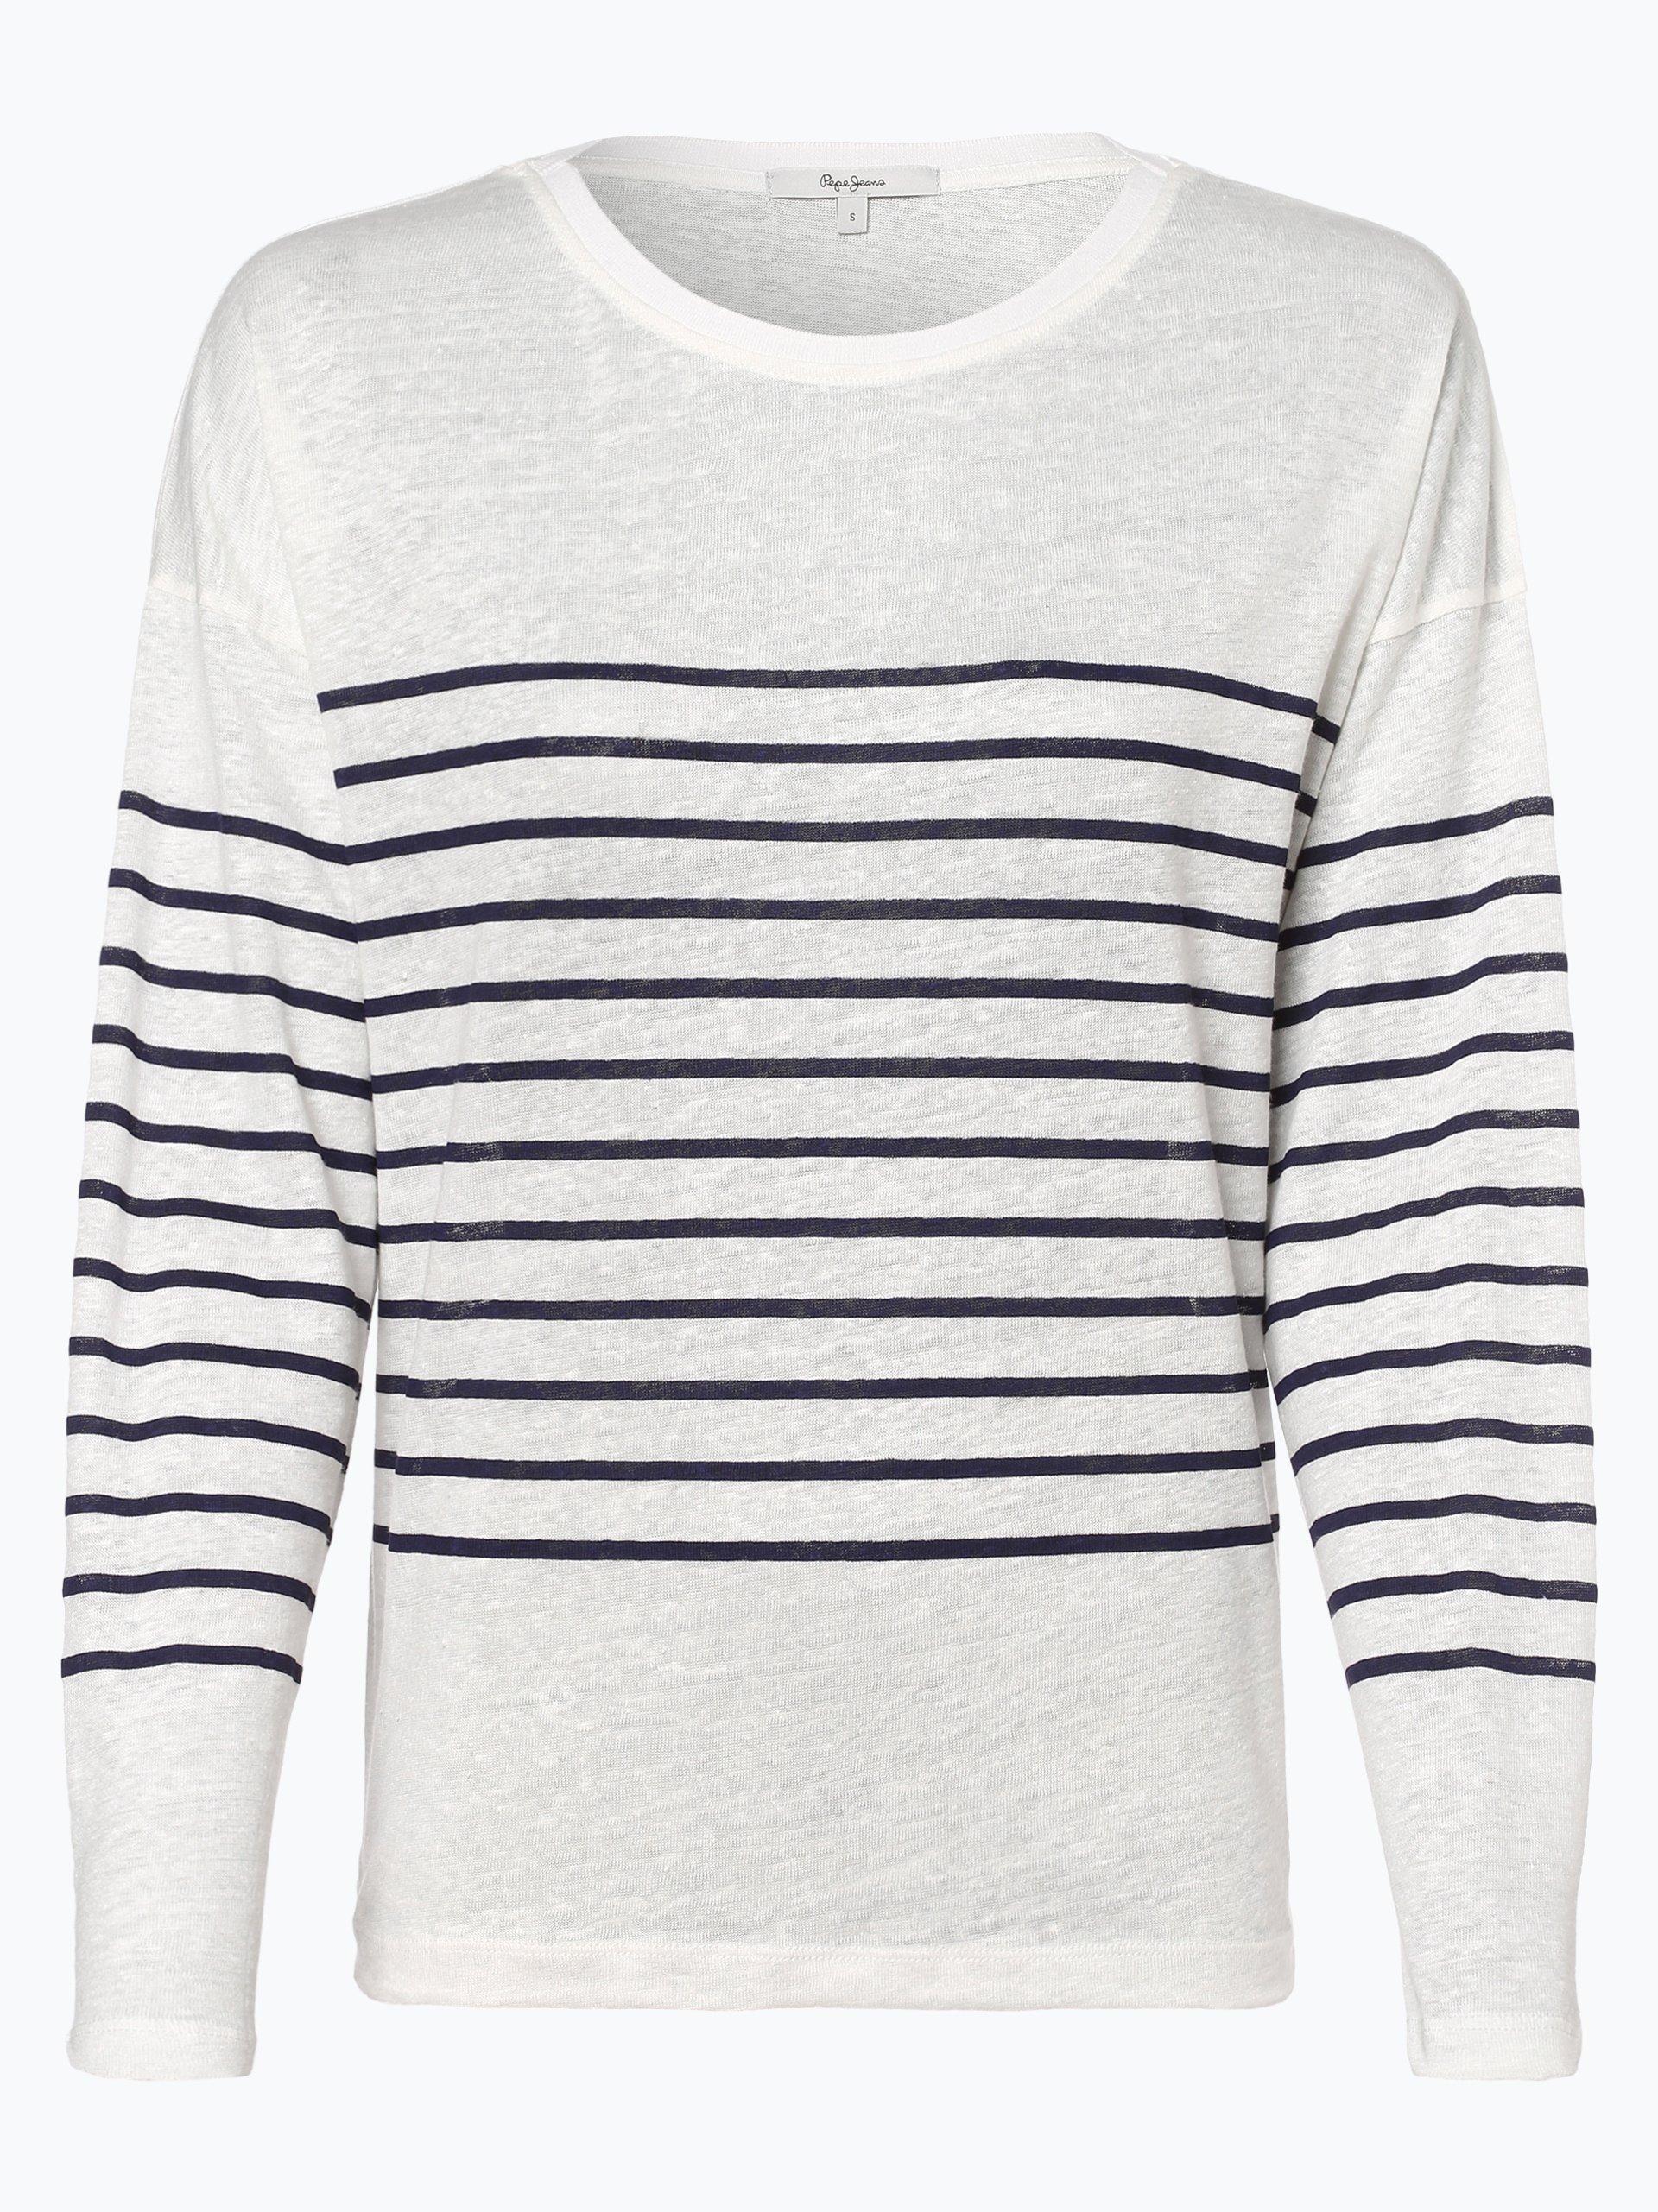 Pepe Jeans Damen Leinenshirt - Oyster